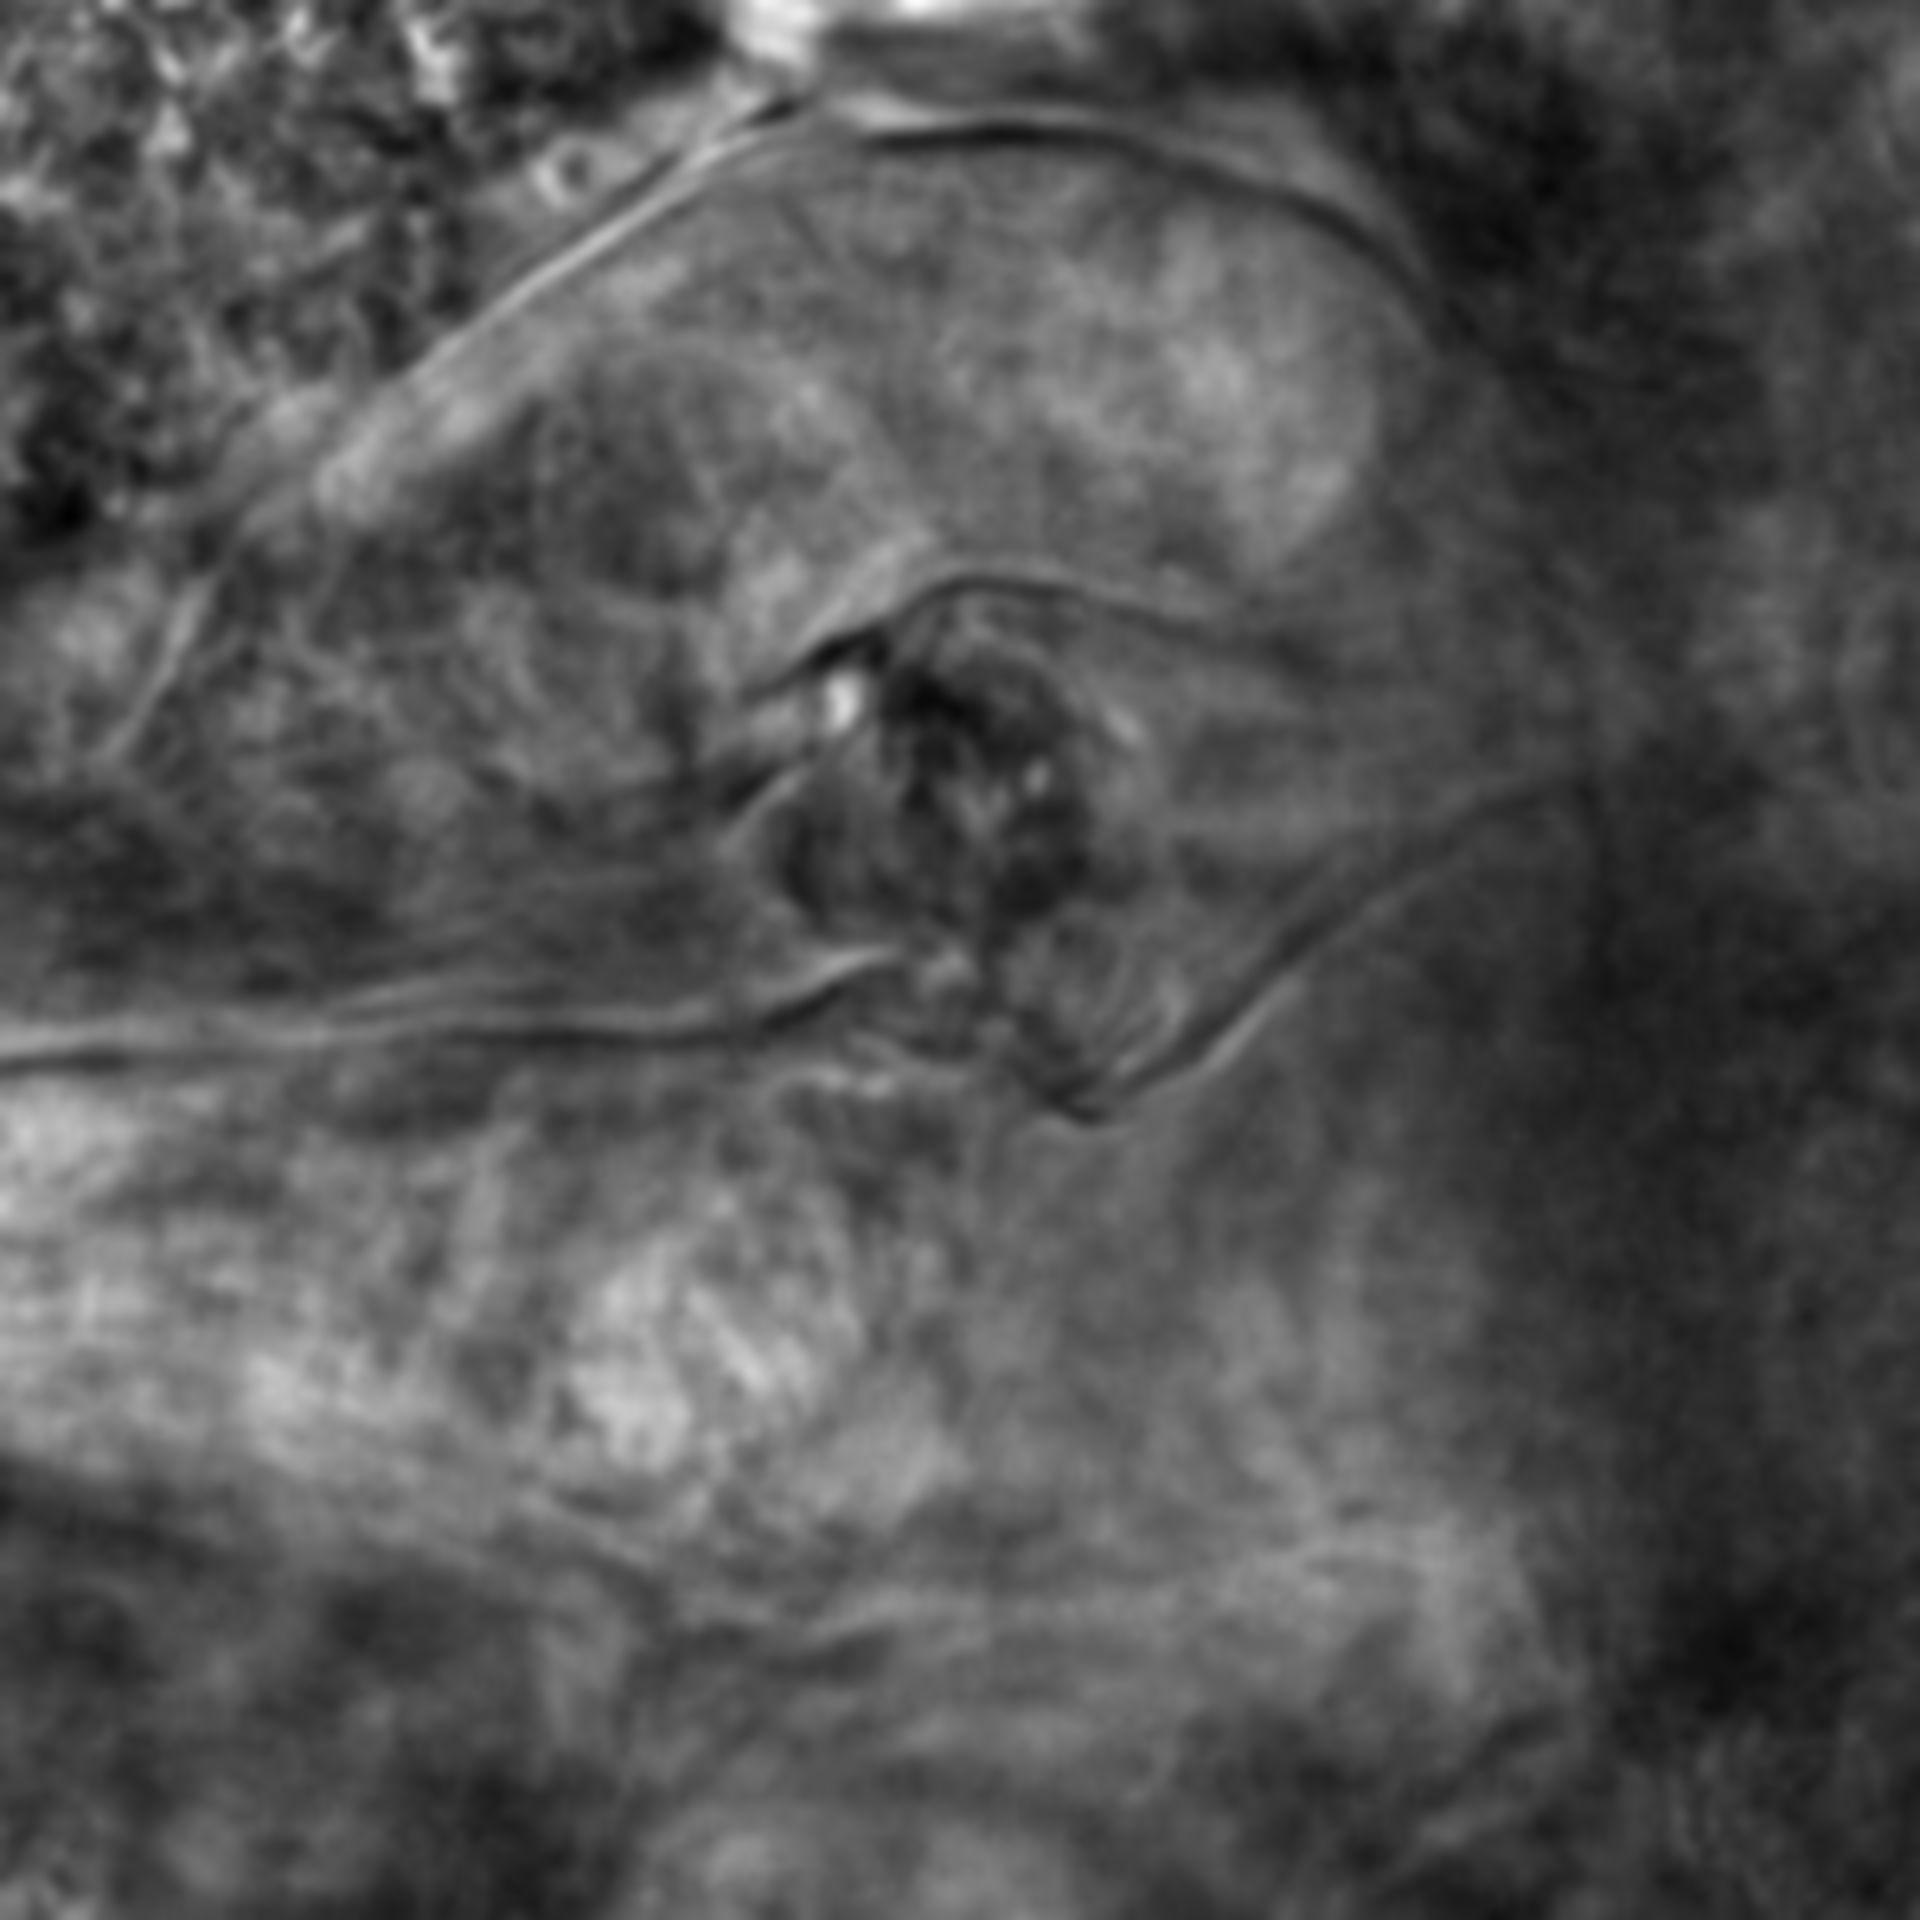 Caenorhabditis elegans - CIL:2303